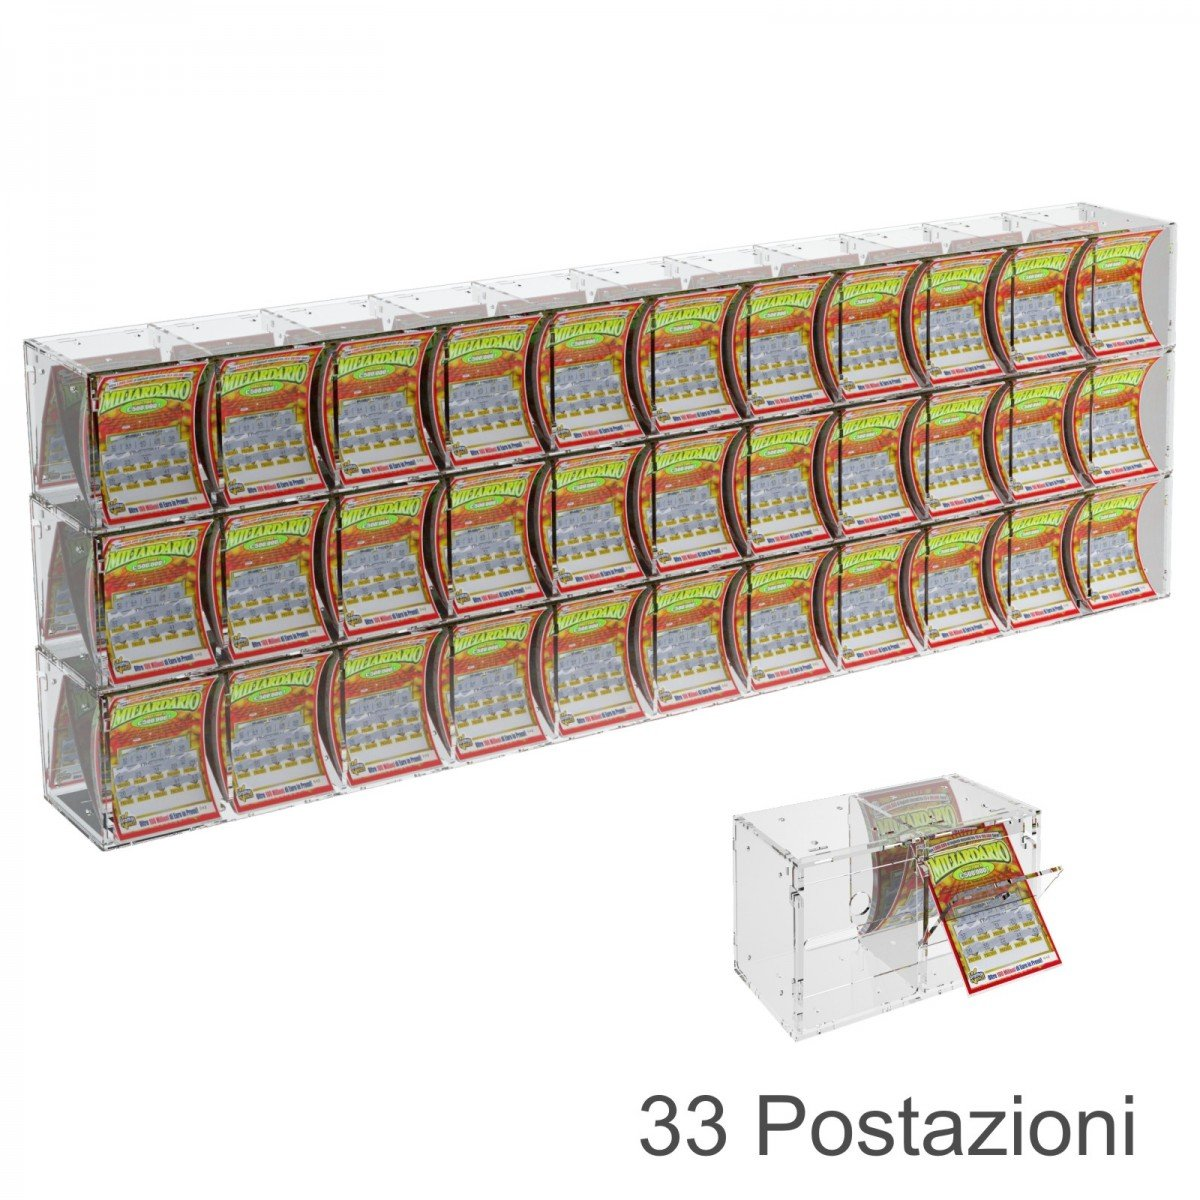 Espositore gratta e vinci da banco o da soffitto in plexiglass trasparente a 33 contenitori munito di sportellino frontale lato rivenditore